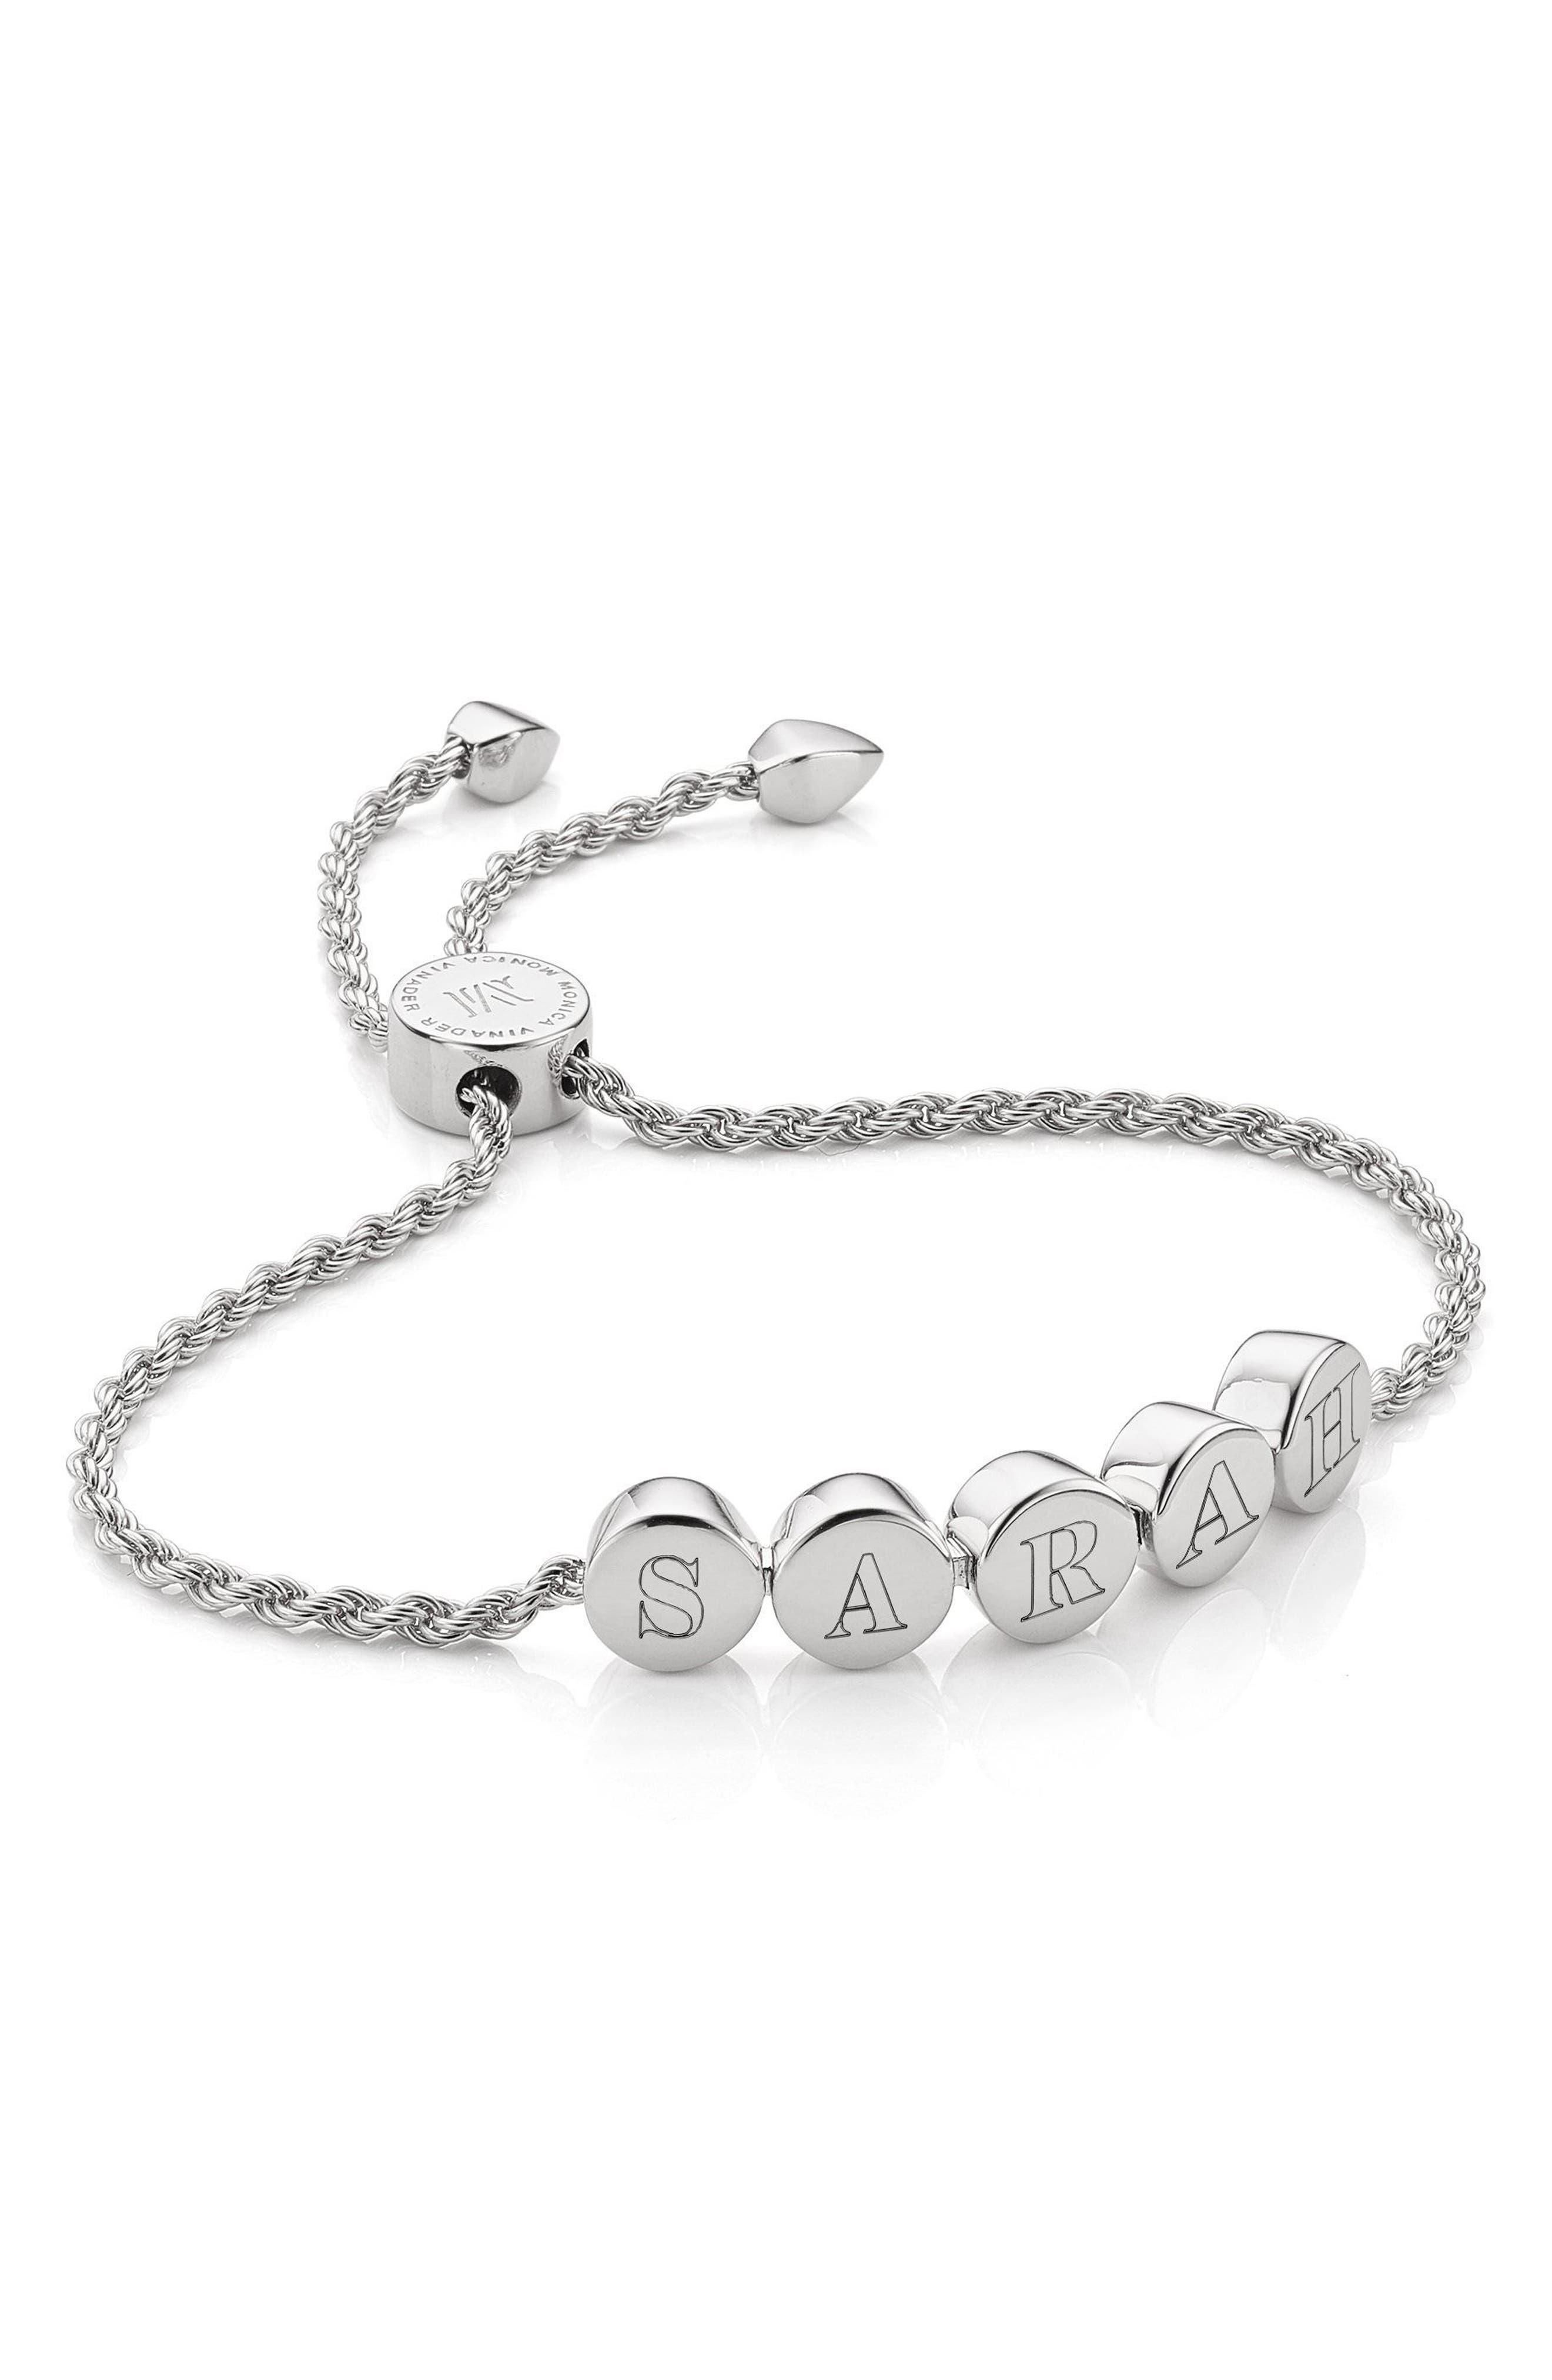 Engravable Linear Bead Friendship Bracelet,                             Alternate thumbnail 2, color,                             SILVER